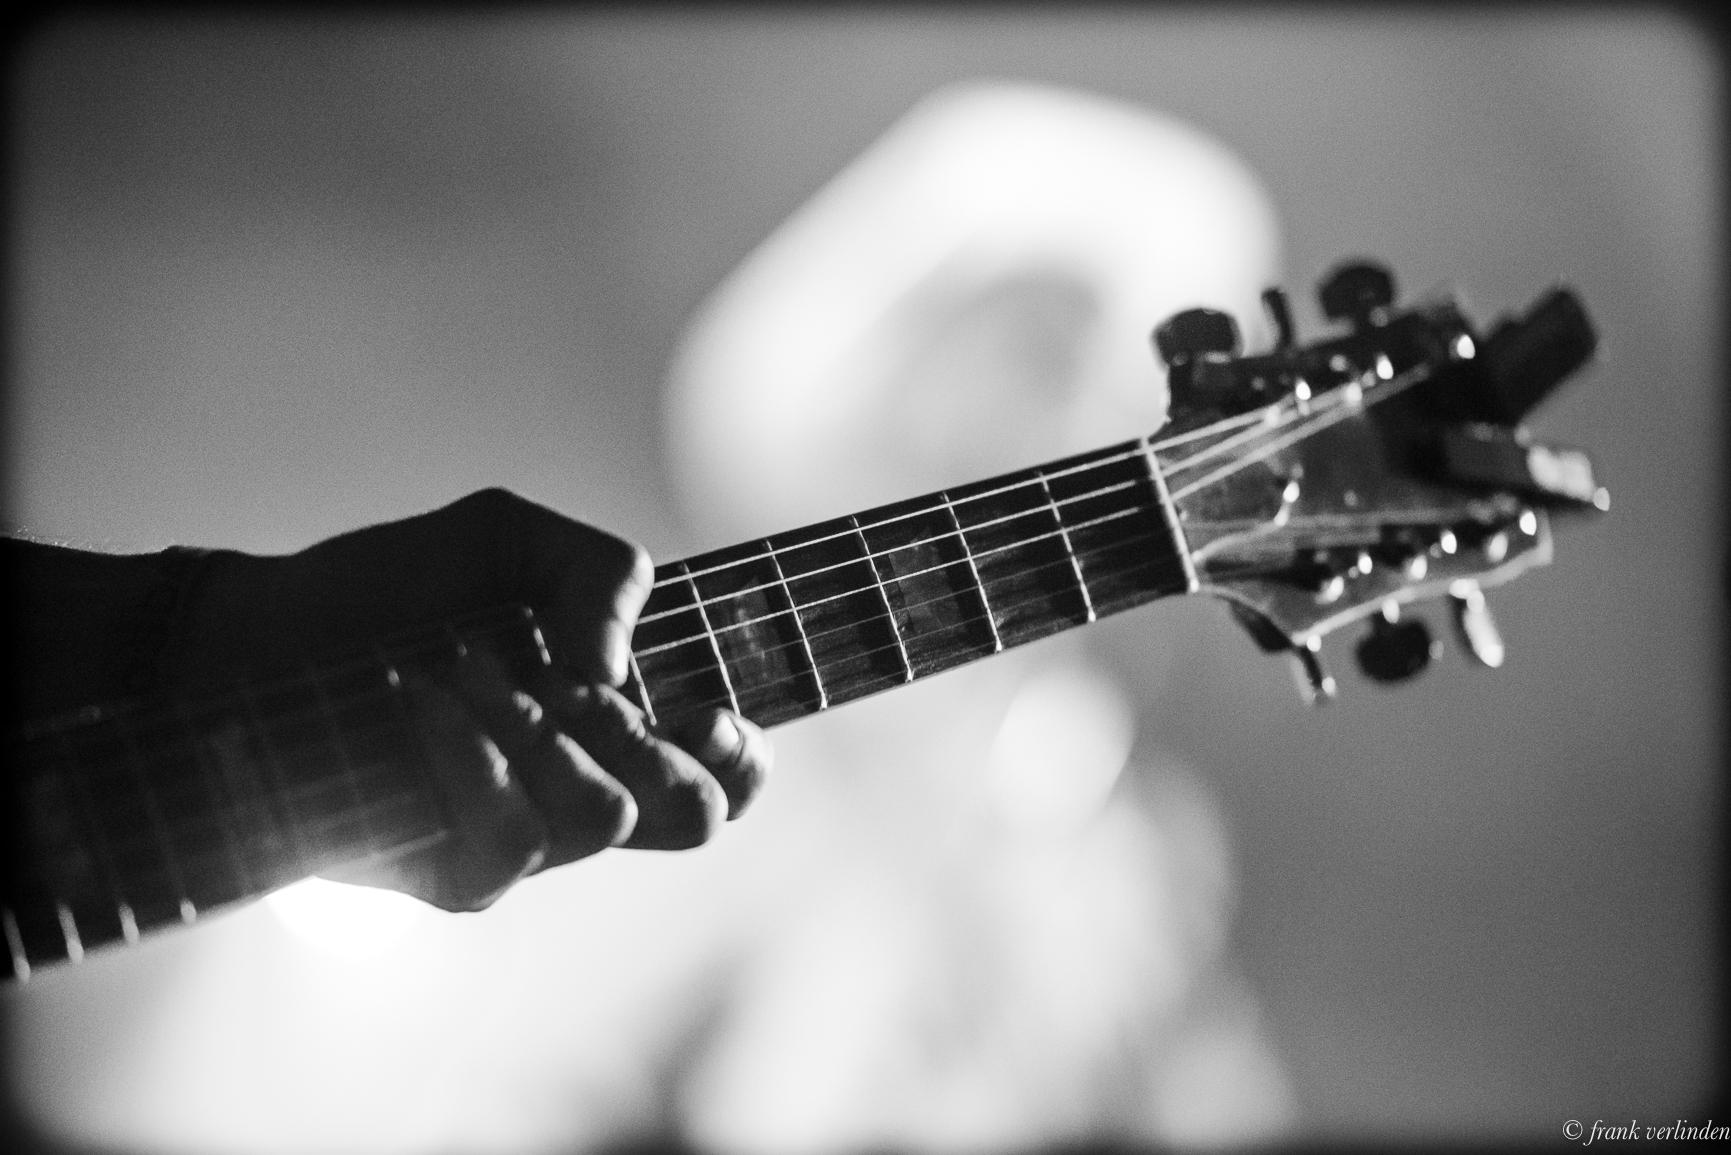 Guitar neck...